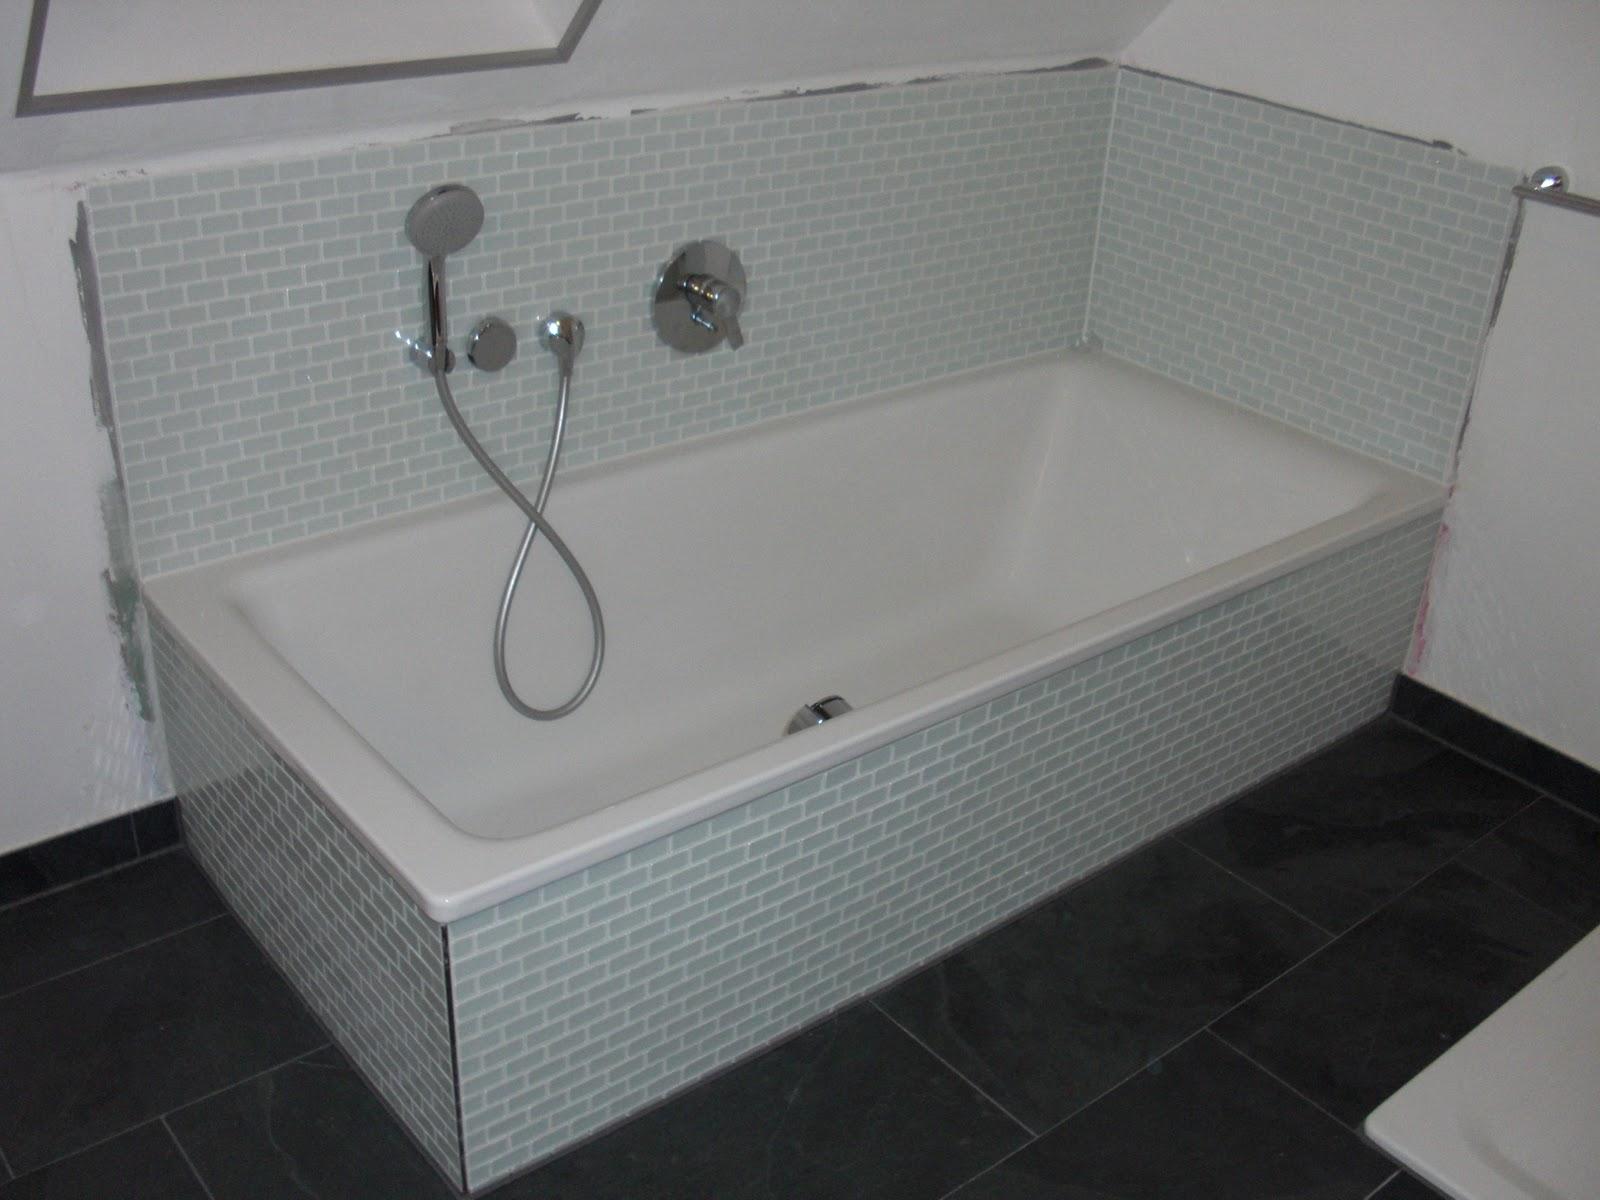 fliesen mit pvc berkleben ostseesuche com. Black Bedroom Furniture Sets. Home Design Ideas